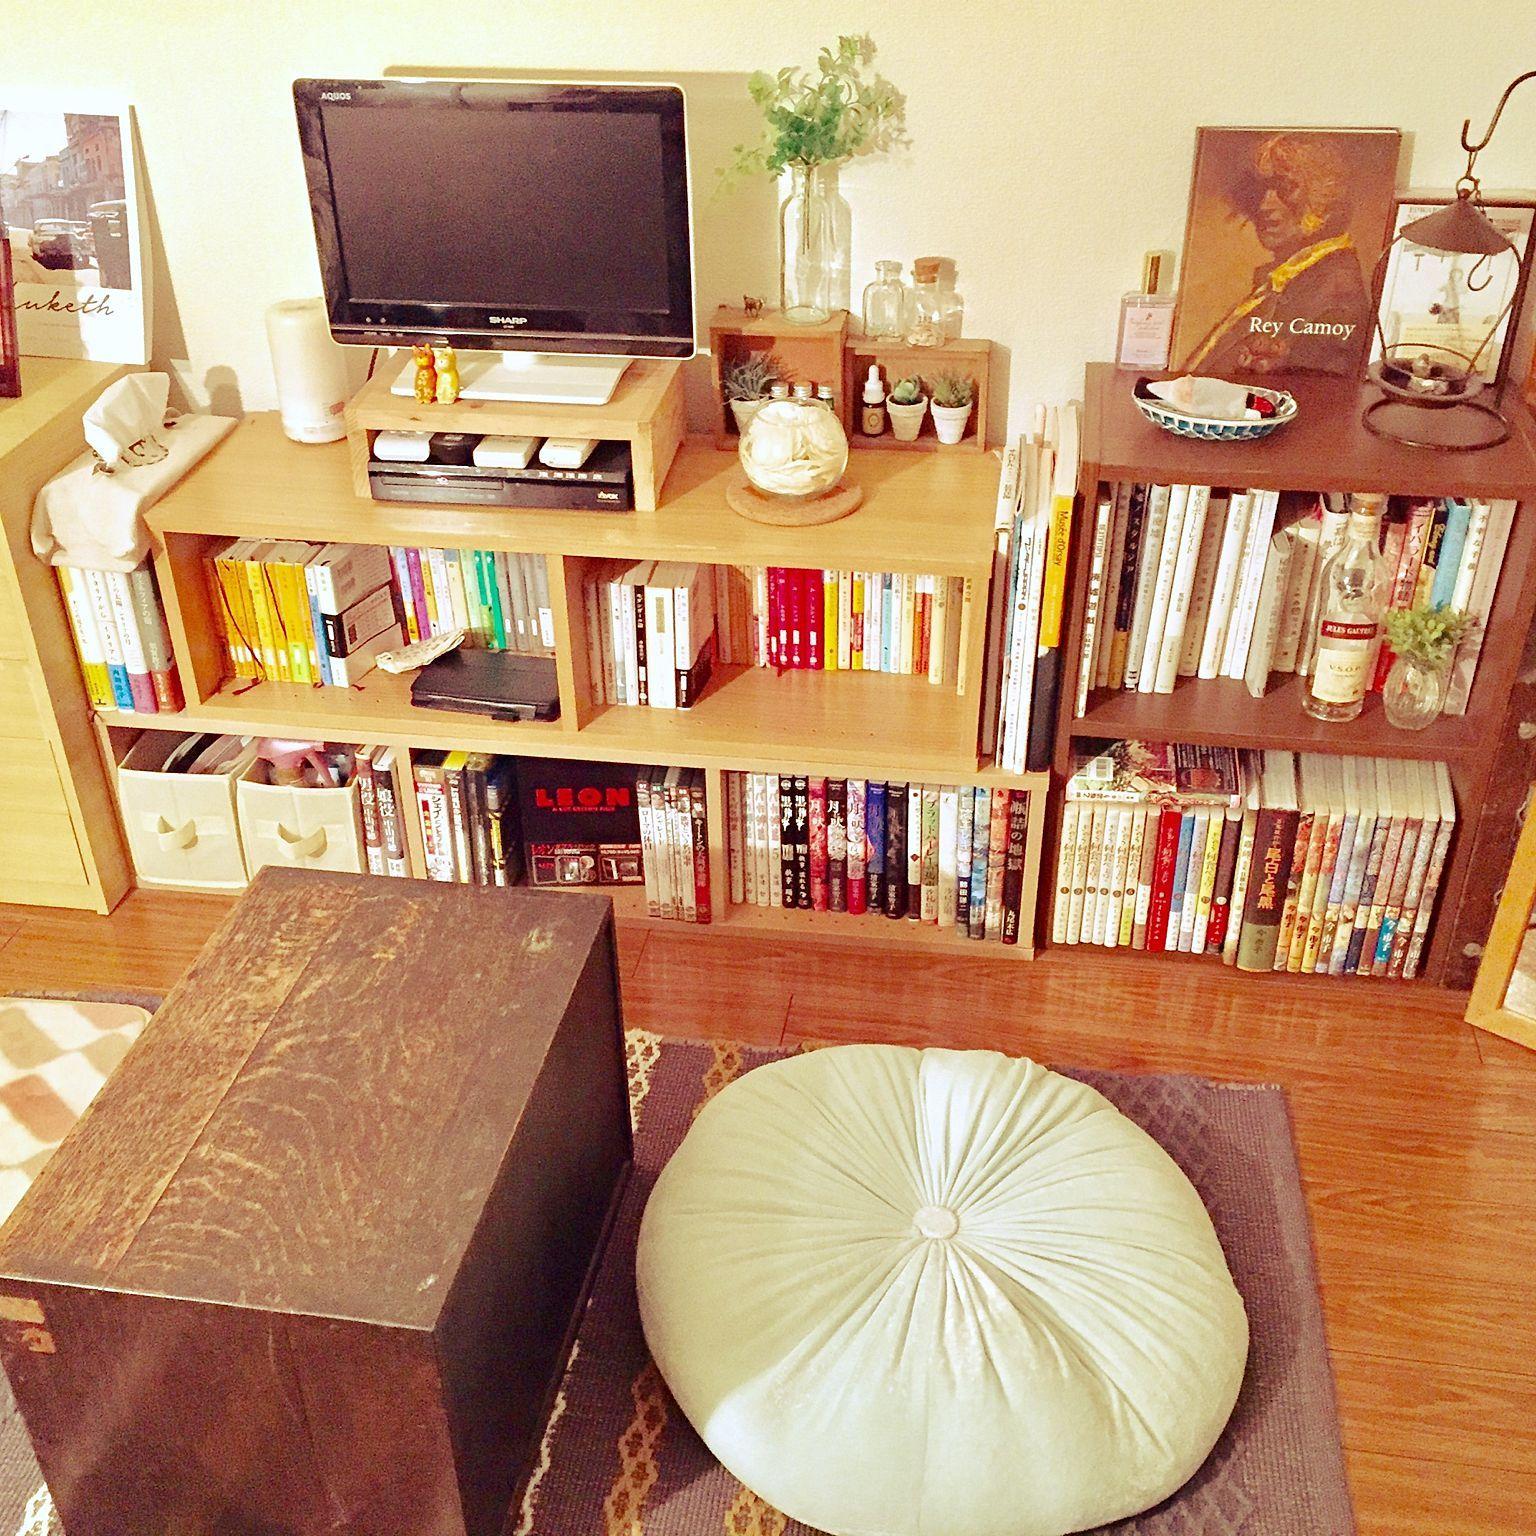 棚 本棚 一人暮らし ワンルーム 6畳のインテリア実例 2017 01 30 19 49 50 Roomclip ルームクリップ インテリア 寝室 インテリア 和室 アパートのインテリアデザイン